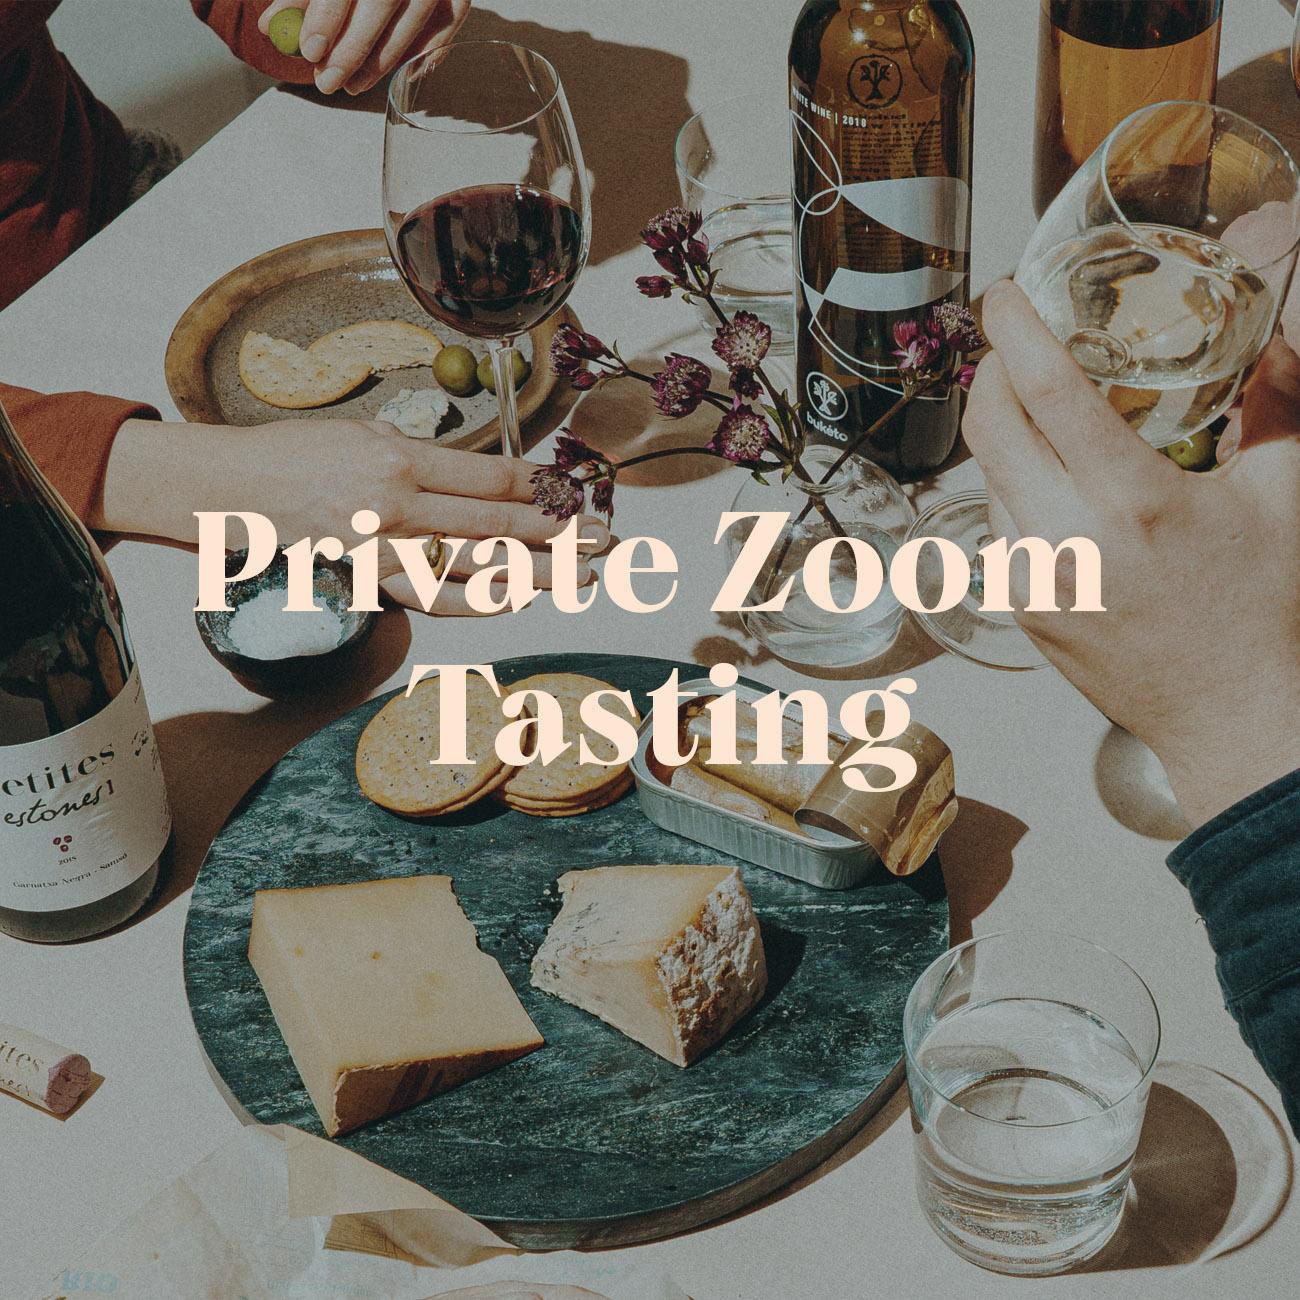 Private Zoom Tasting